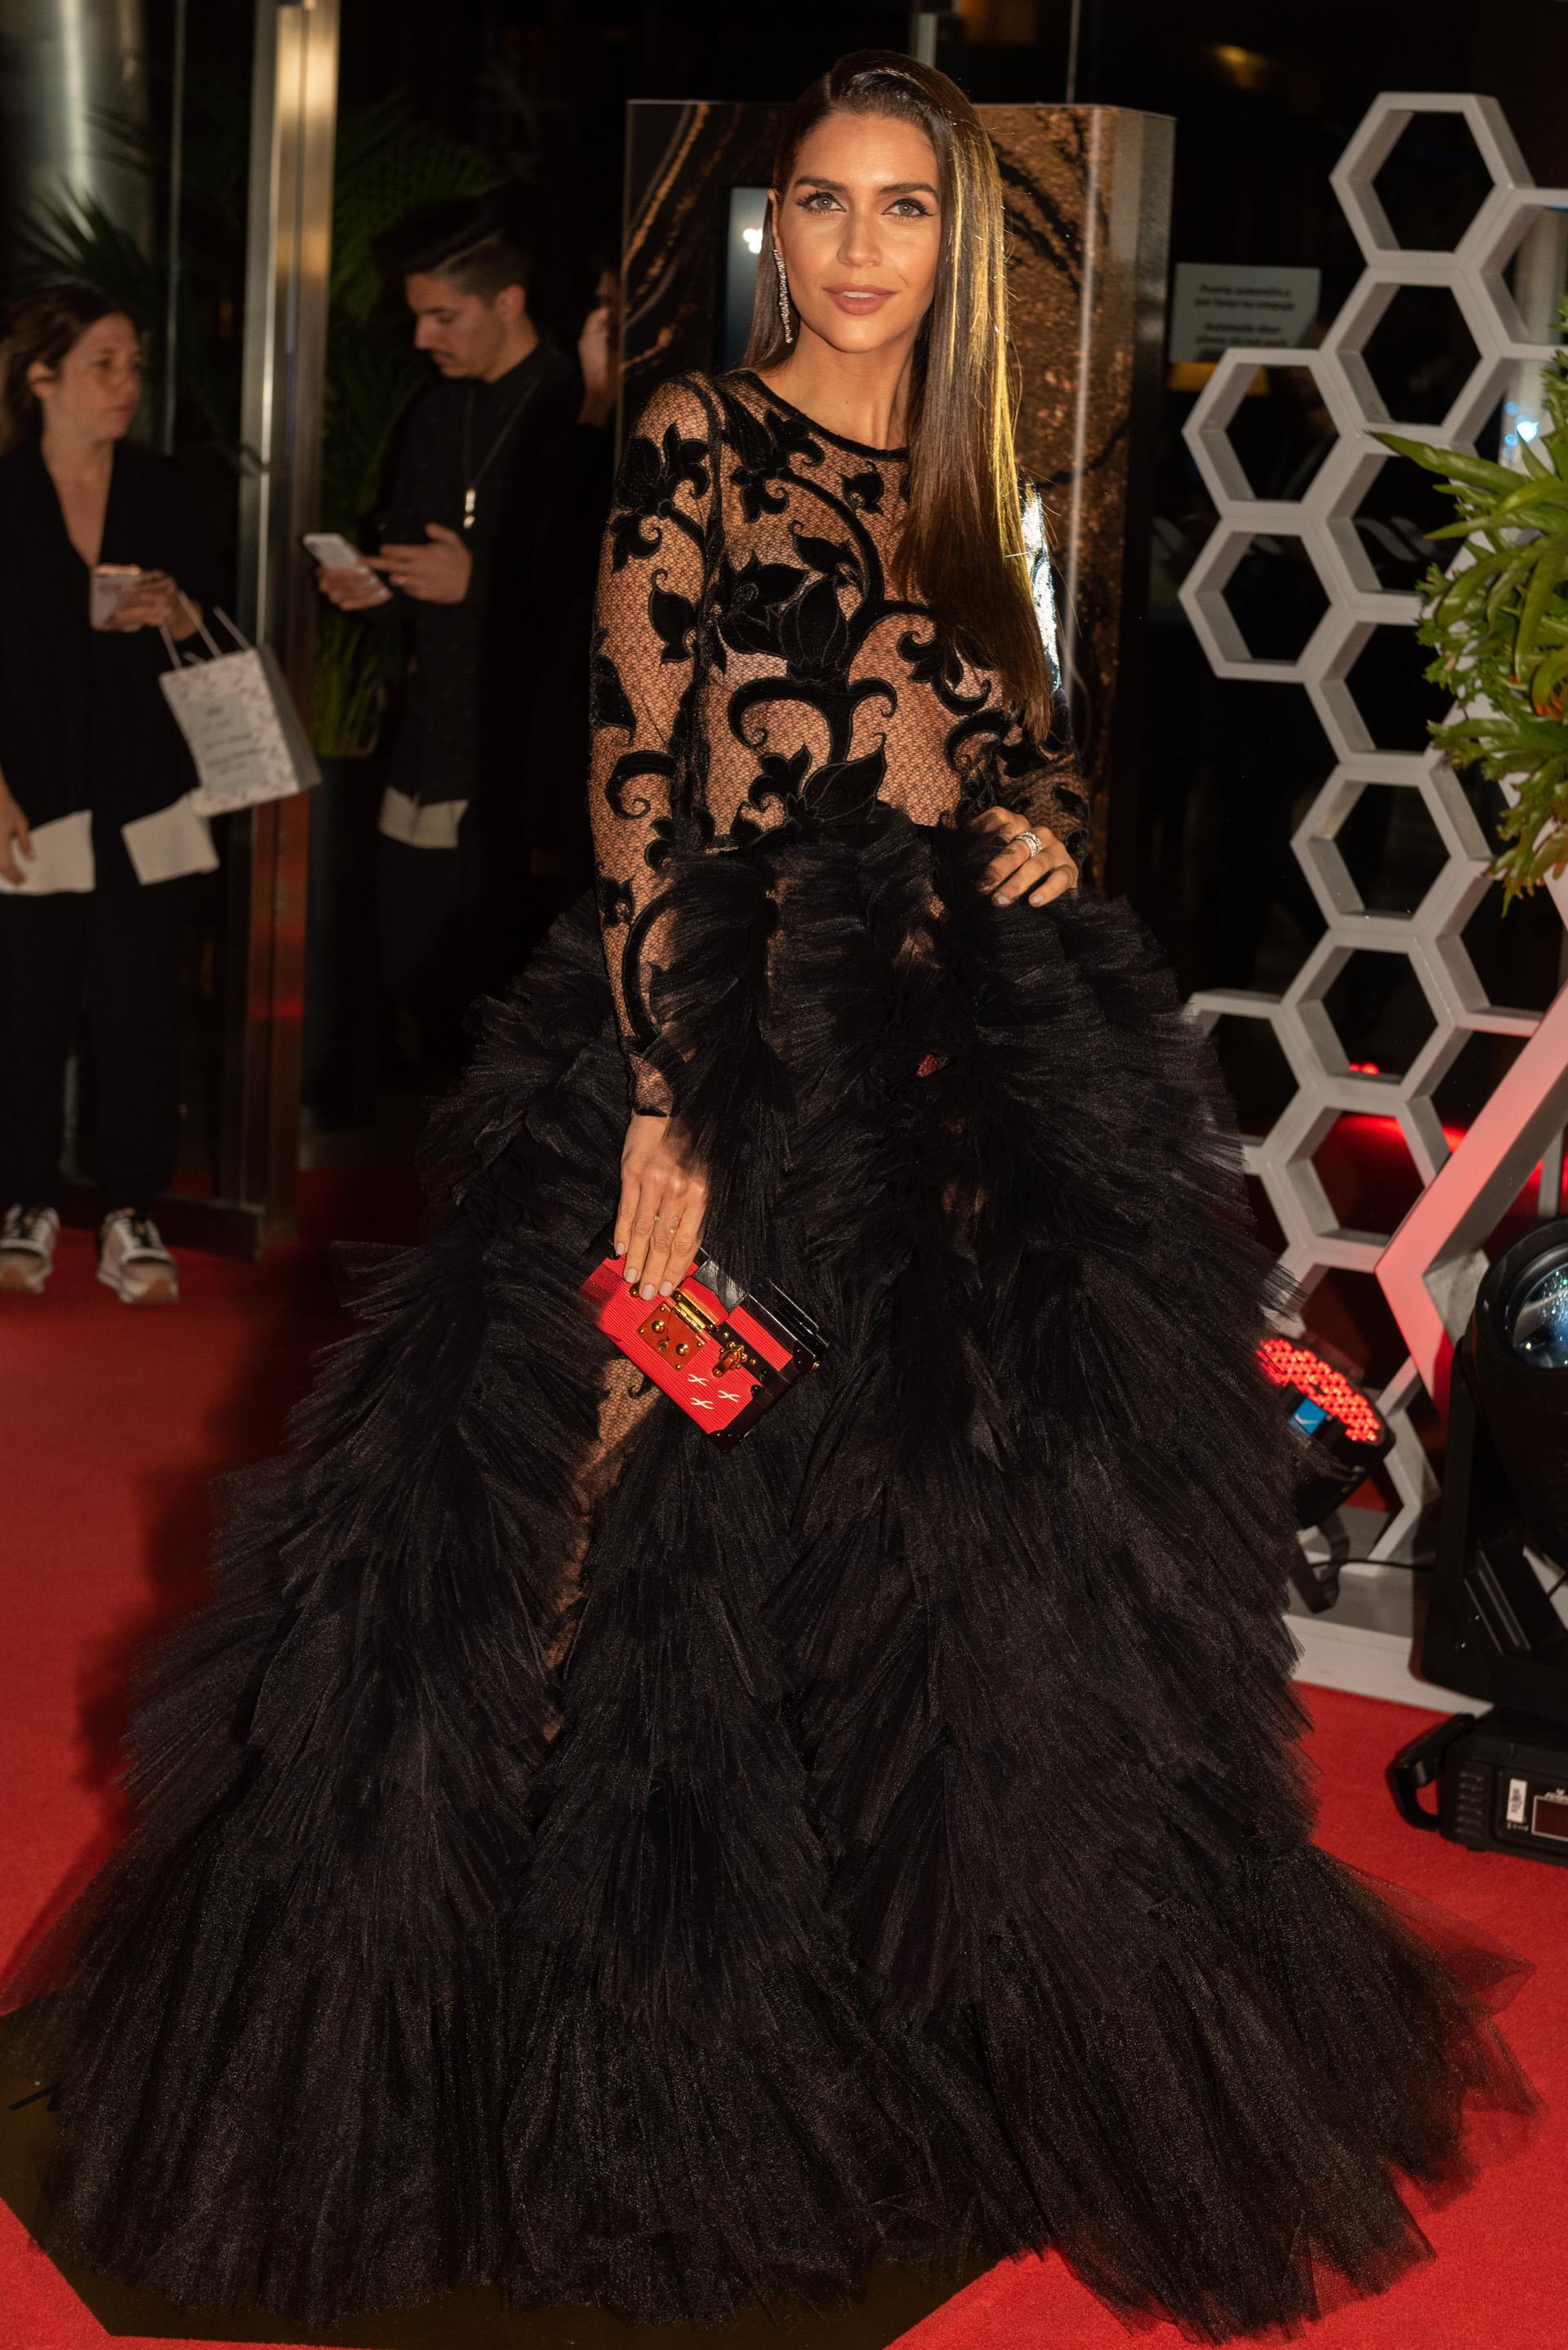 Zaira Nara by Javier Saiach, con vestido negro con transparencias y encaje con terciopelo del mismo tono. Un diseño con escote cerrado y mangas largas con sobrefalda de tul plisado